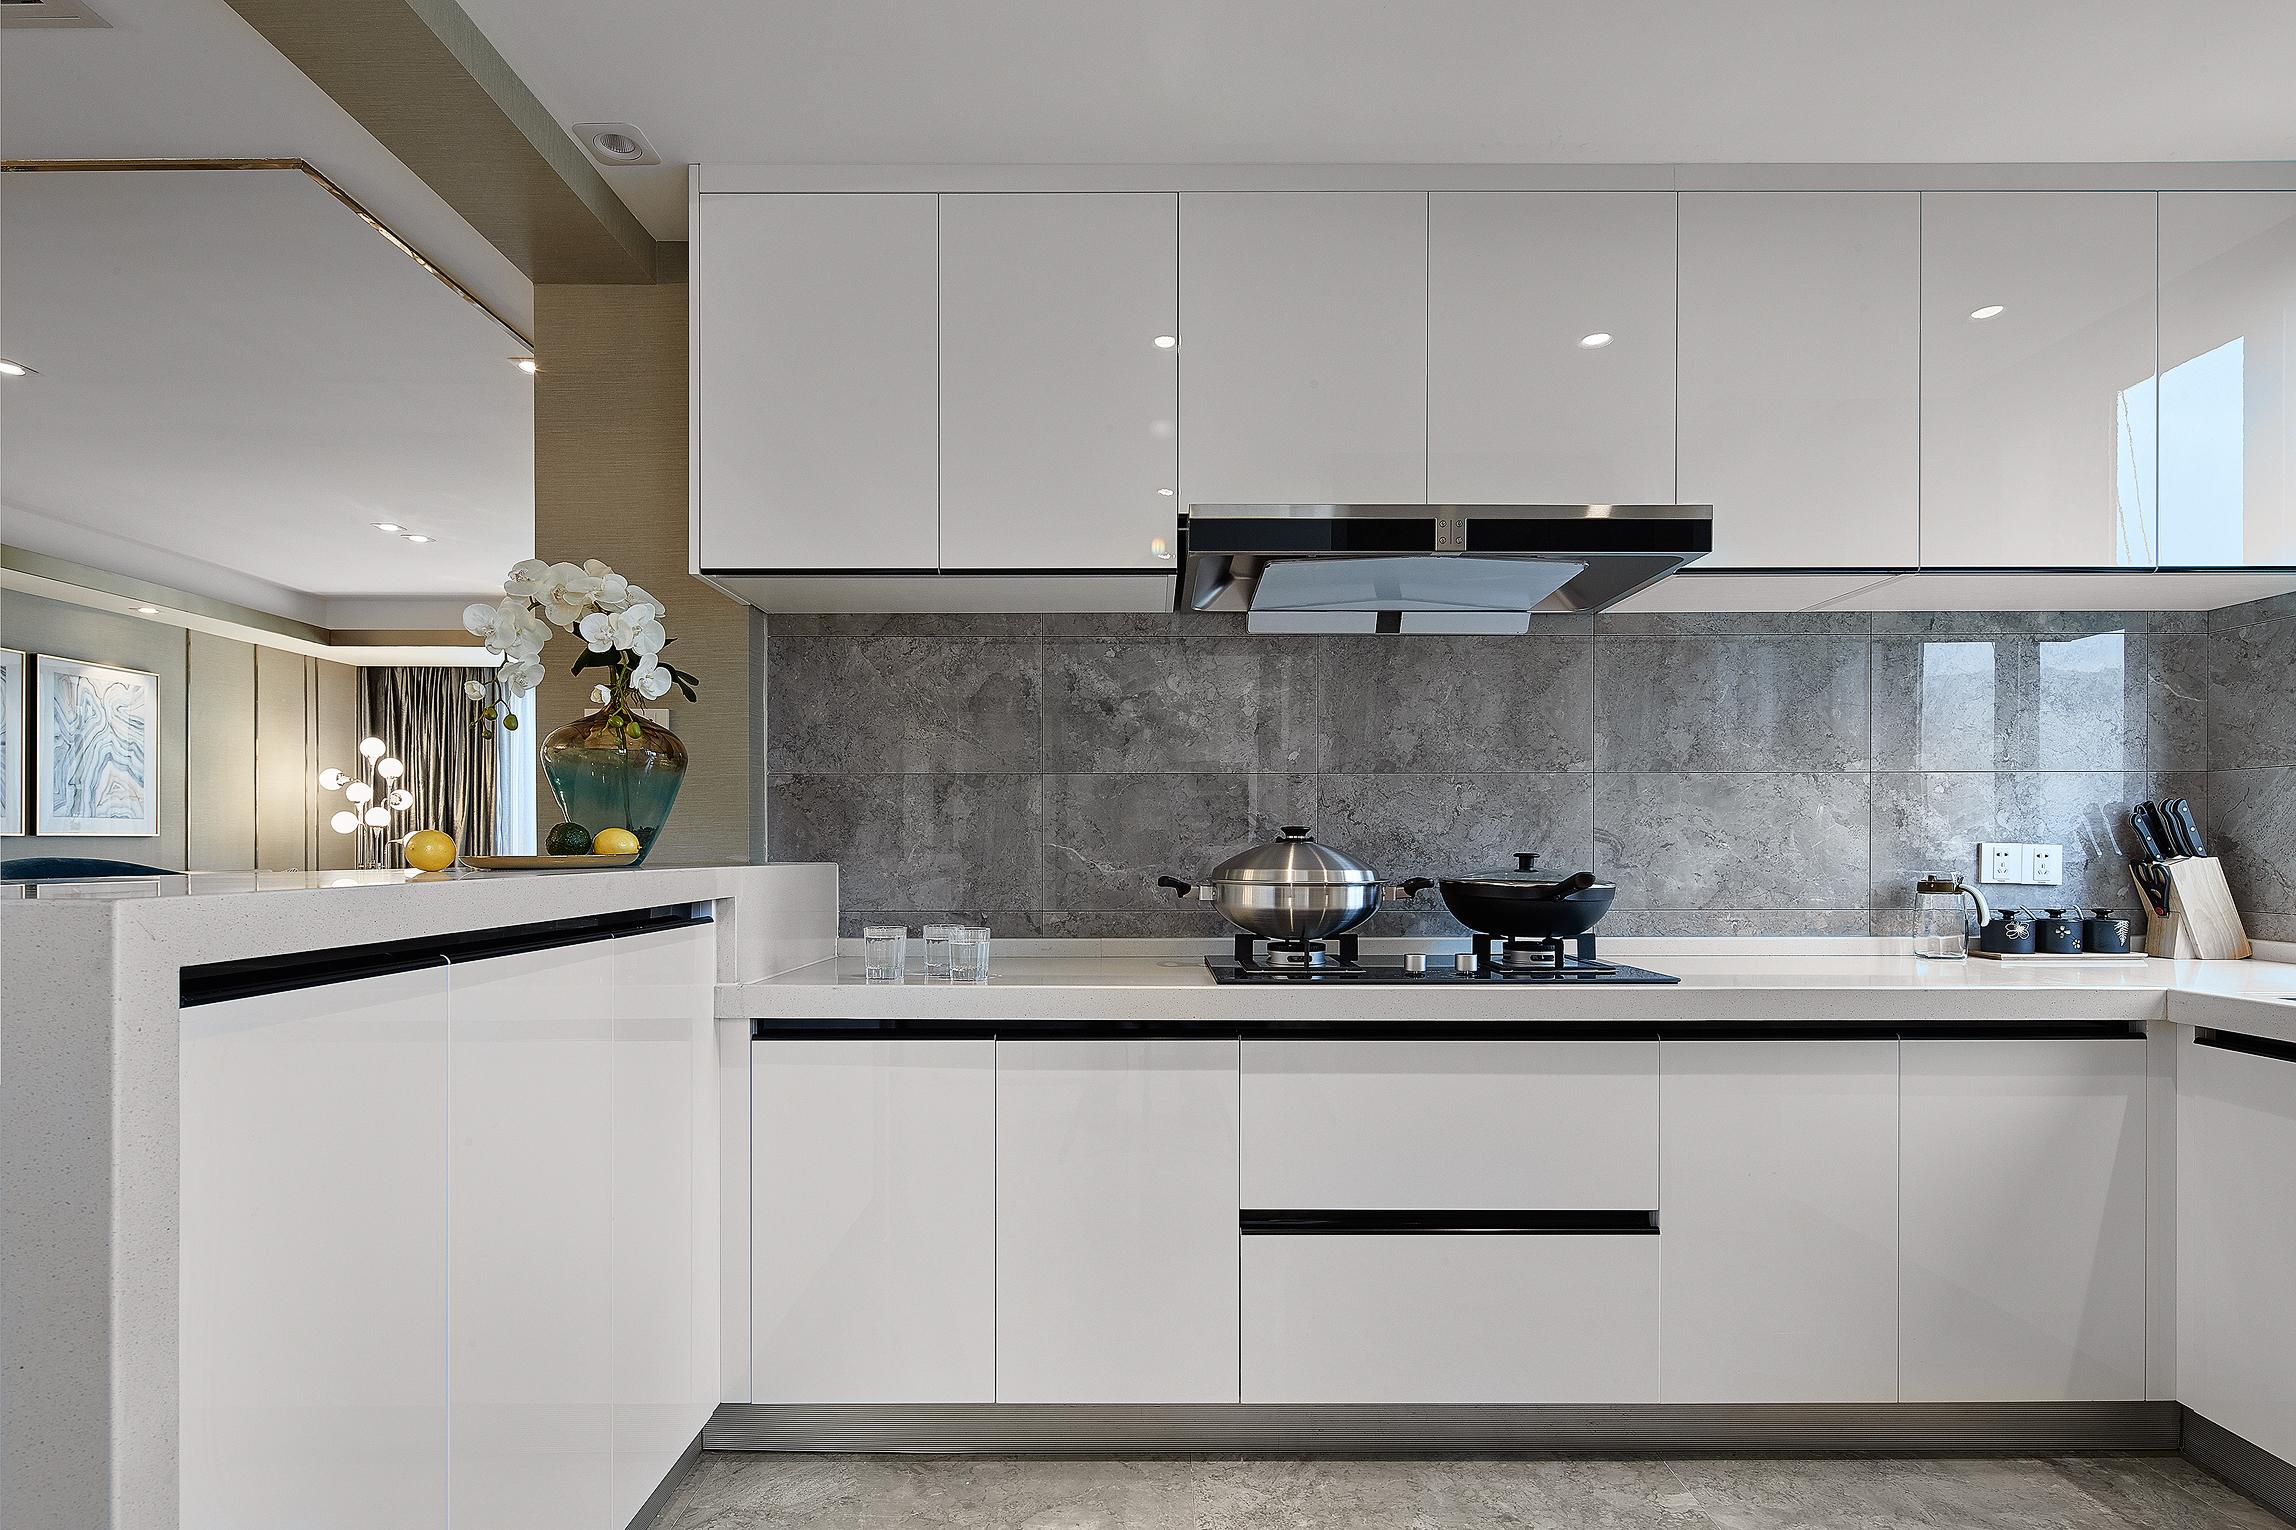 130㎡简约风格设计厨房效果图